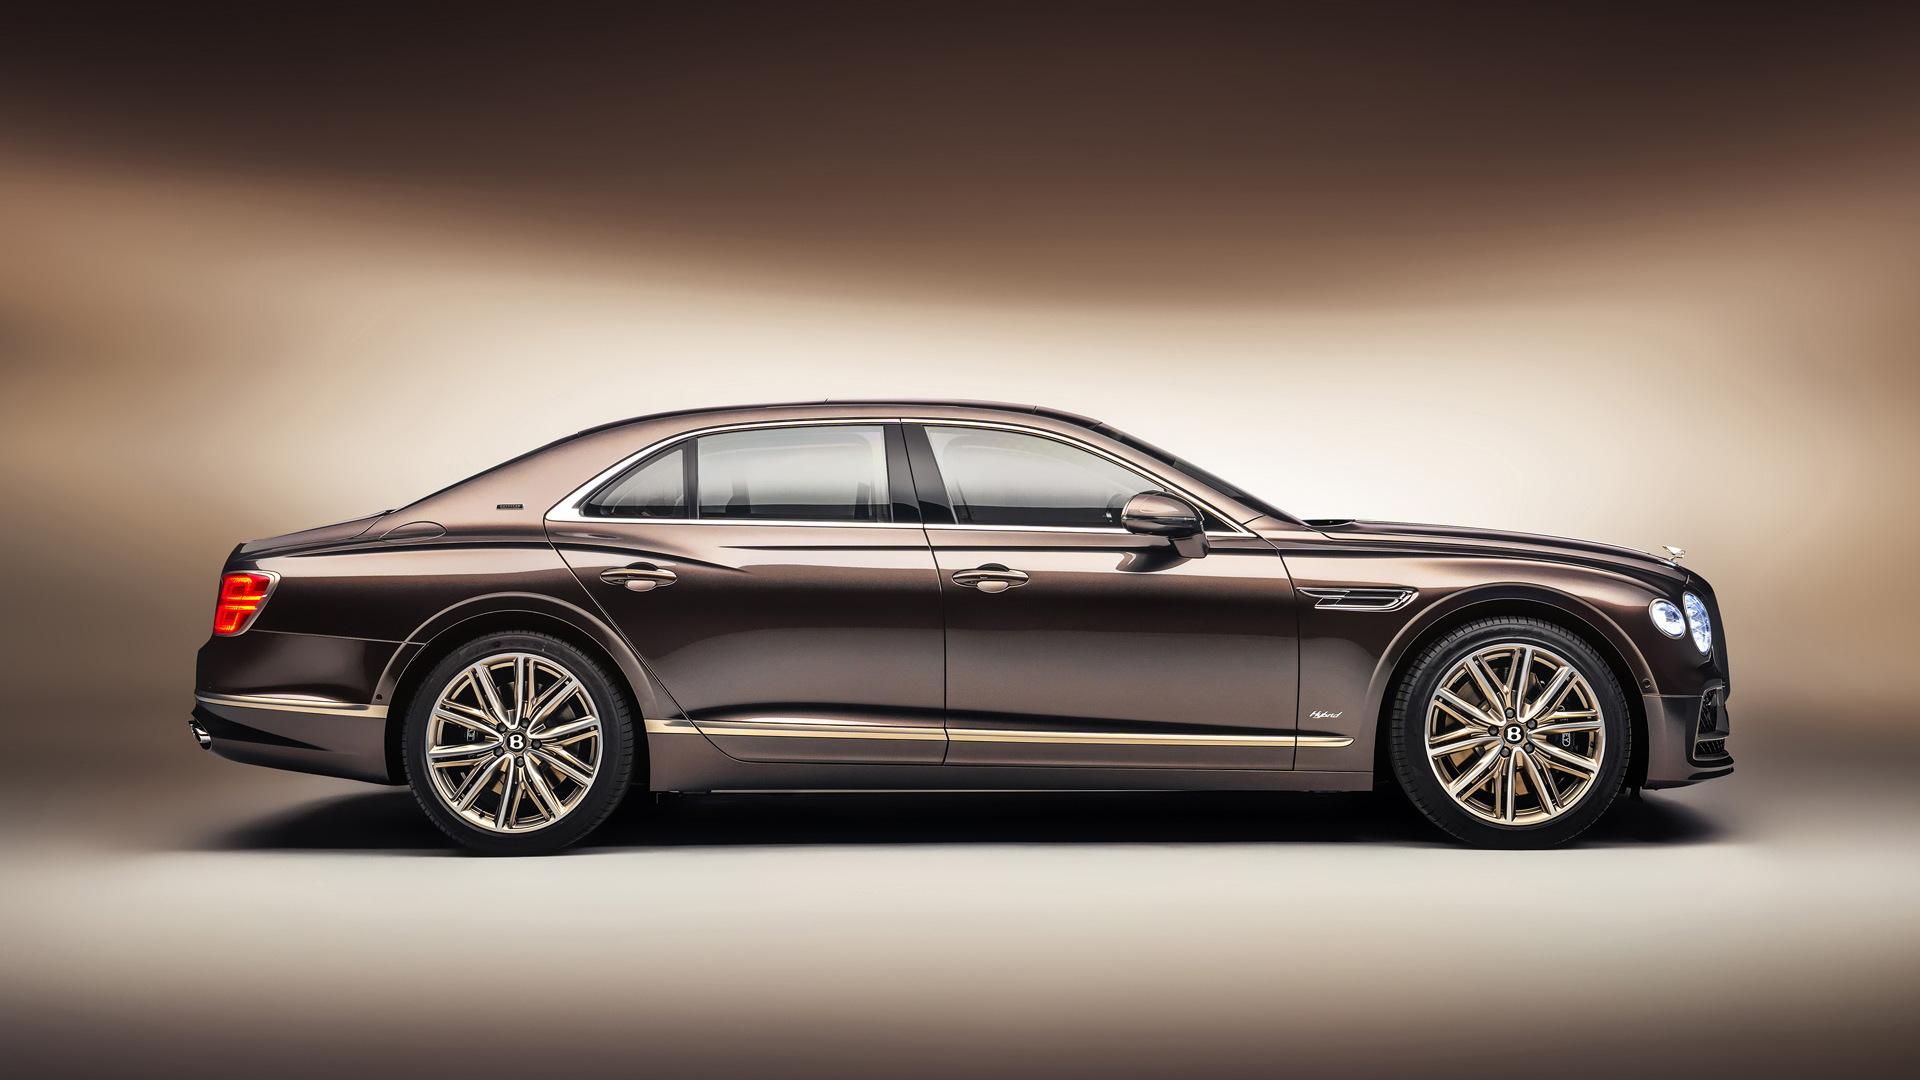 2022 Bentley Flying Spur Hybrid Odyssean Edition